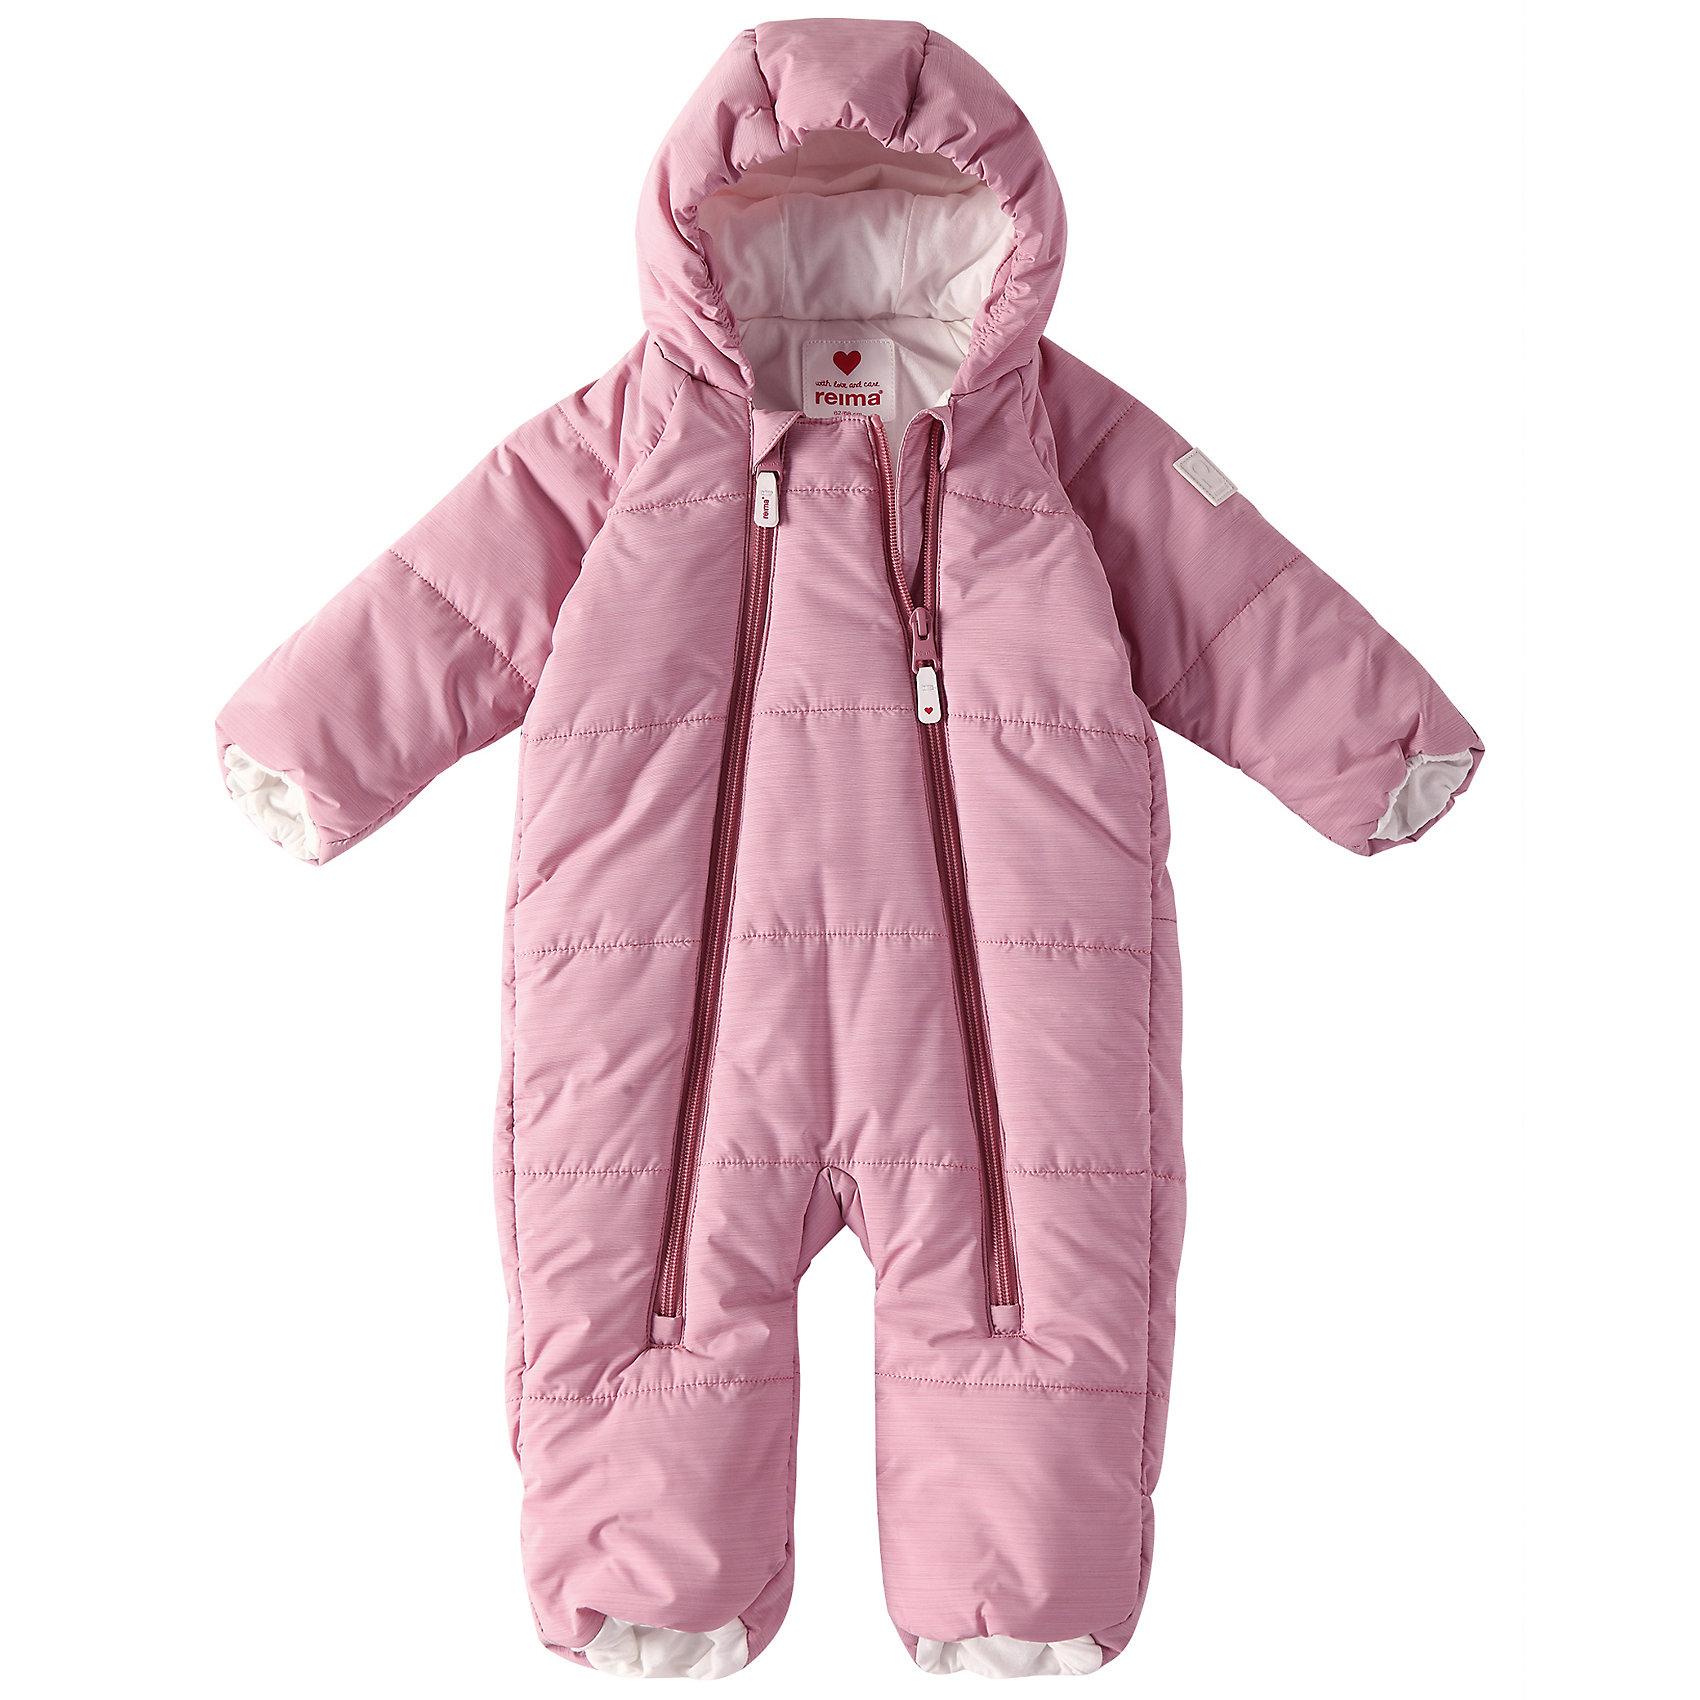 Комбинезон Lumikko ReimaВерхняя одежда<br>Симпатичный и невероятно теплый комбинезон для самых маленьких! Этот комбинезон для новорожденных сшит из водо- и ветронепроницаемого материала и подбит мягкой подкладкой из джерси. Он снабжен подворачивающимися манжетами на рукавах и концах брючин, а также несъемным капюшоном – так что в аксессуарах нет нужды.<br>Состав:<br>100% Полиэстер<br><br>Ширина мм: 356<br>Глубина мм: 10<br>Высота мм: 245<br>Вес г: 519<br>Цвет: розовый<br>Возраст от месяцев: 0<br>Возраст до месяцев: 1<br>Пол: Унисекс<br>Возраст: Детский<br>Размер: 50/56,74/80,62/68<br>SKU: 6968353